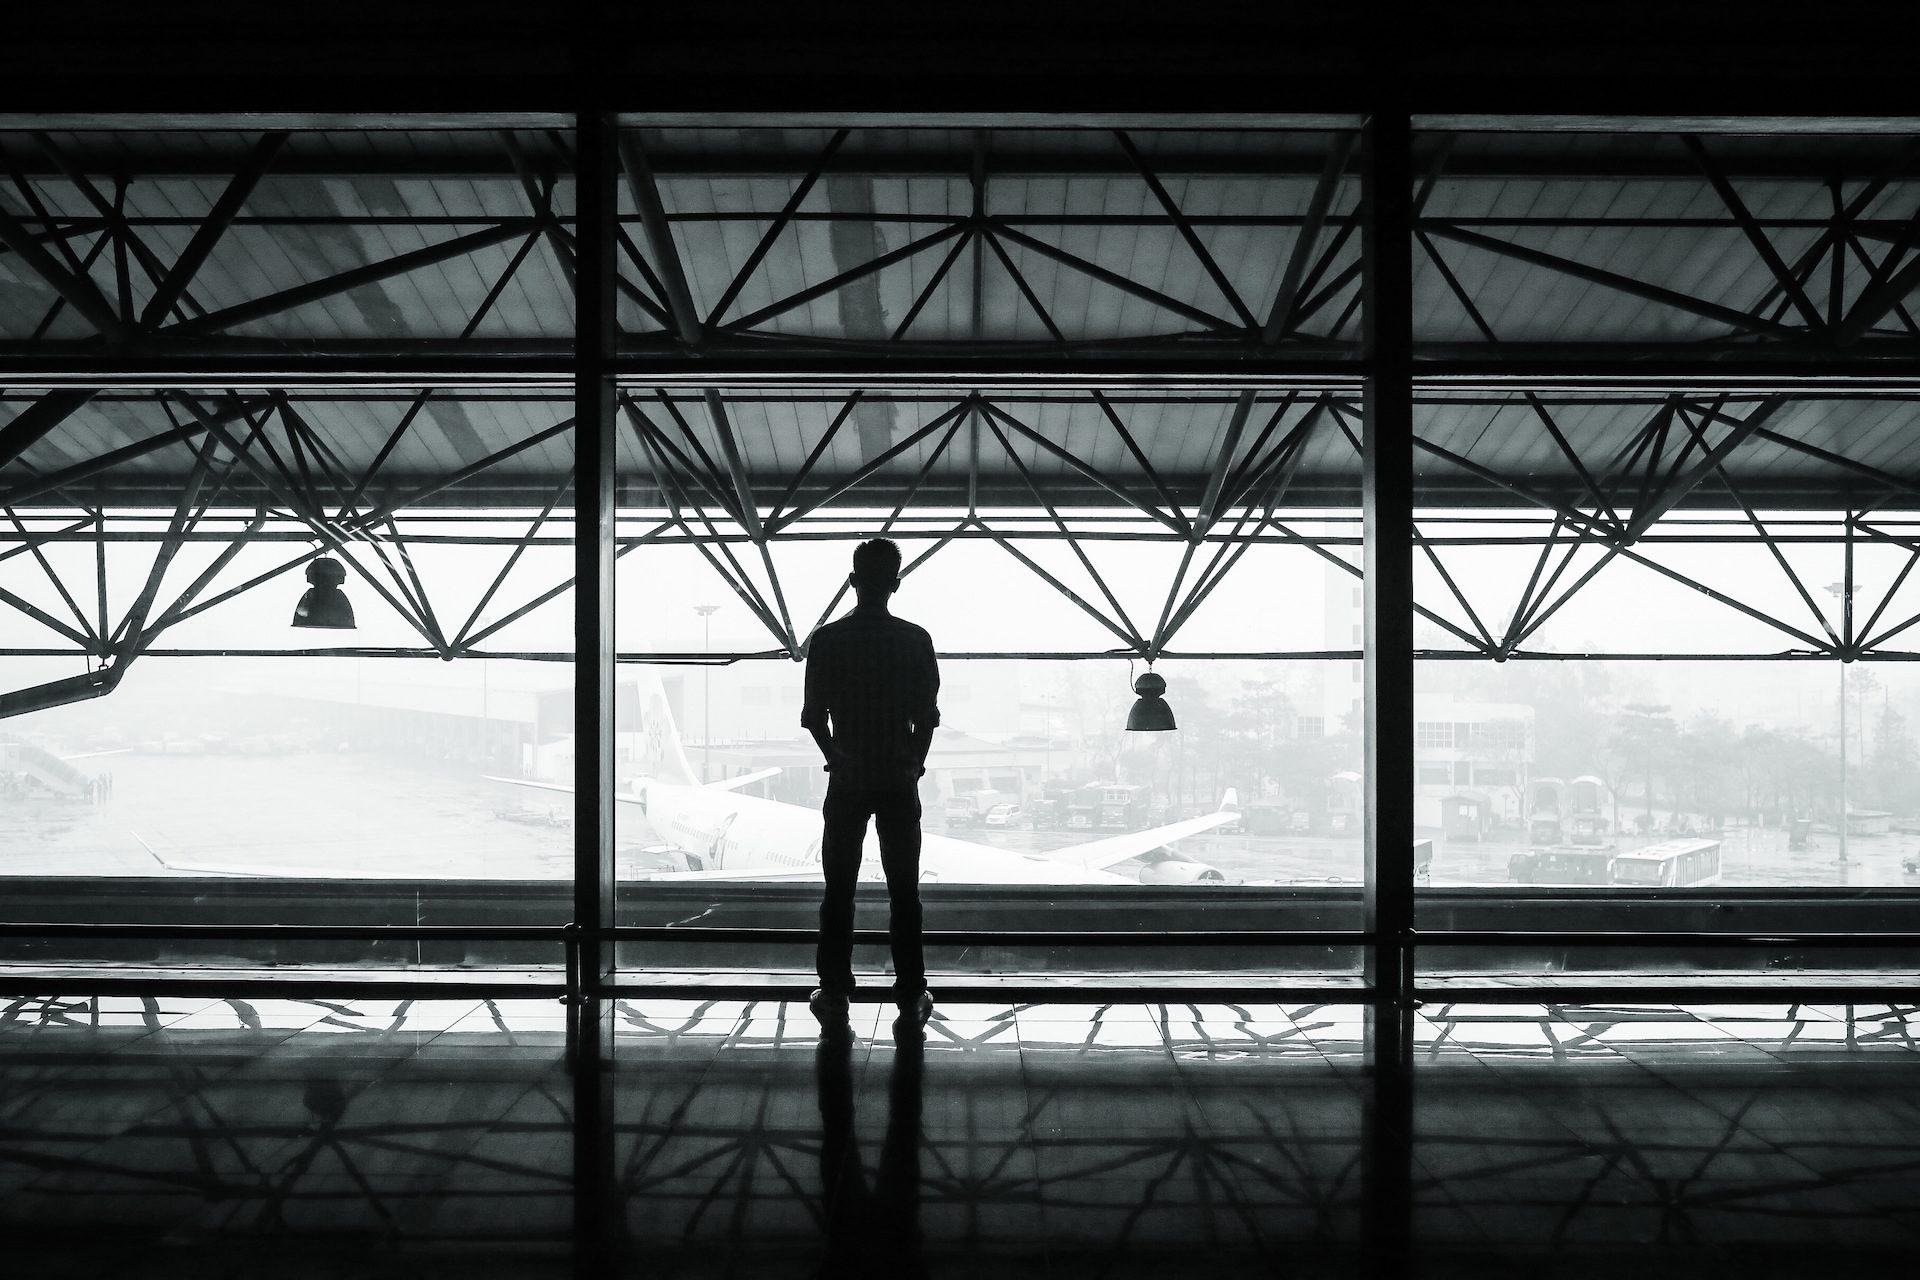 Aéroport le plus pratique, voyageur, Attends, Soledad, avion - Fonds d'écran HD - Professor-falken.com